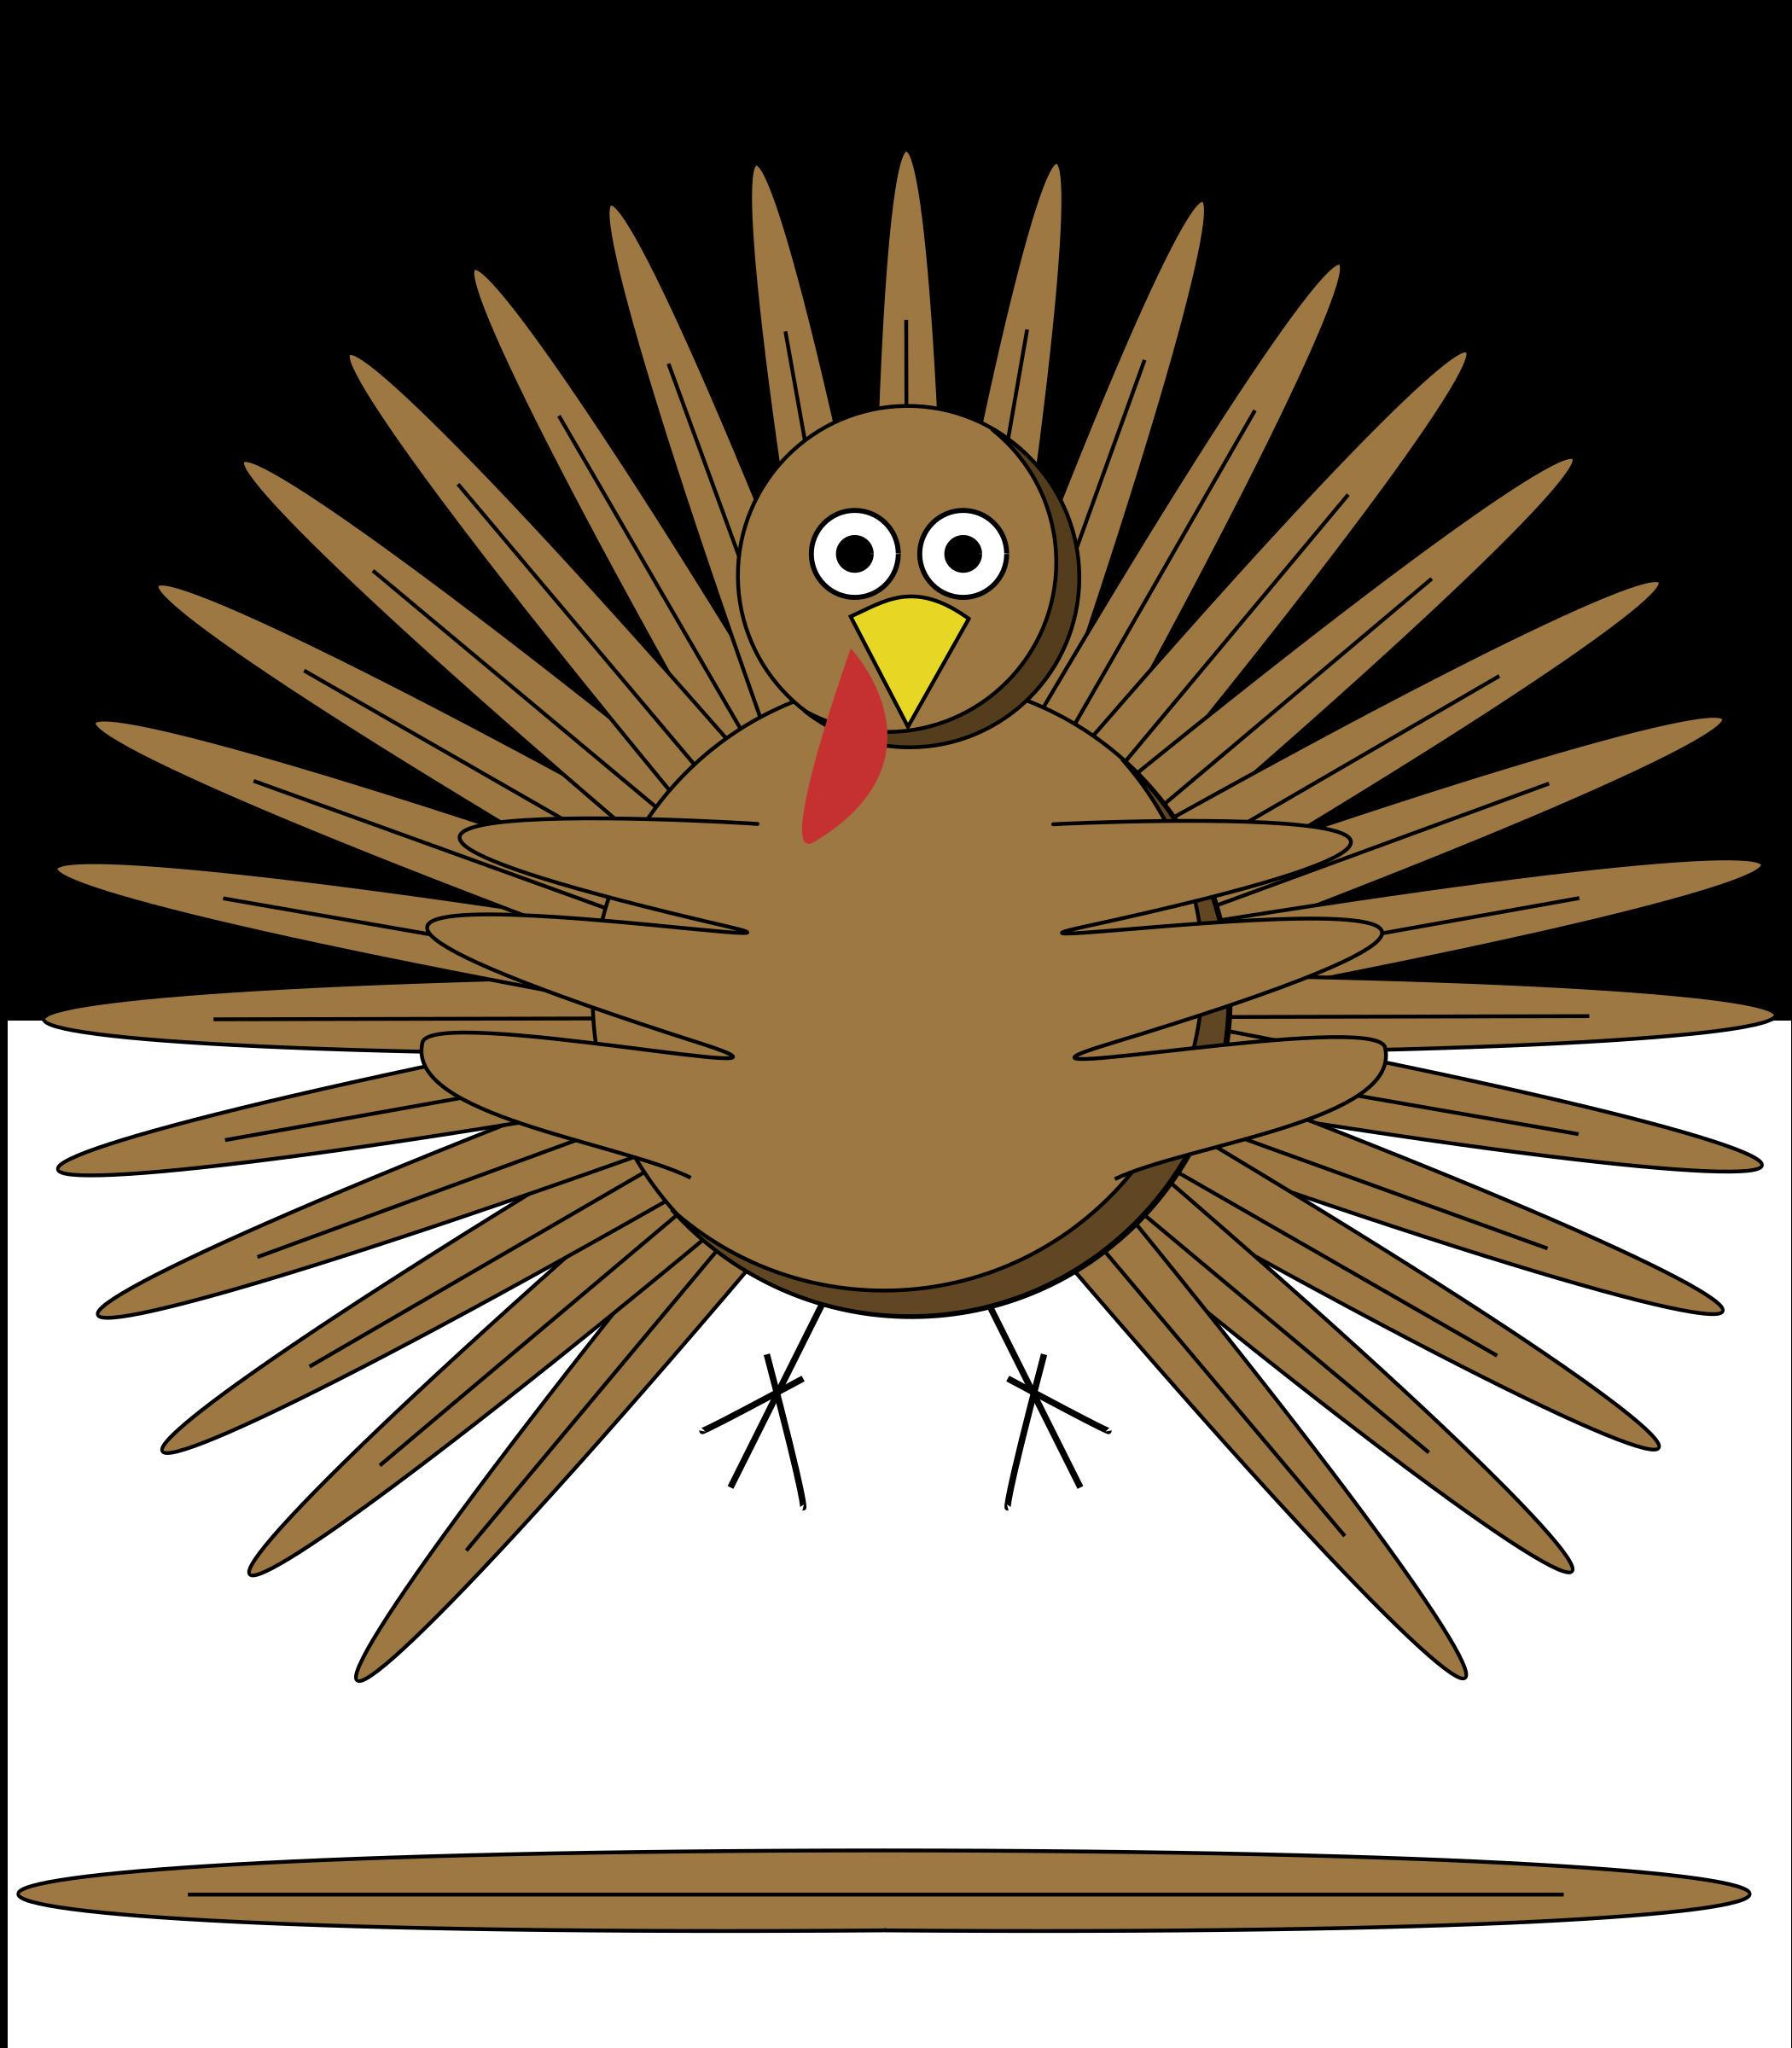 Comb clipart cartoon. Turkey big image png